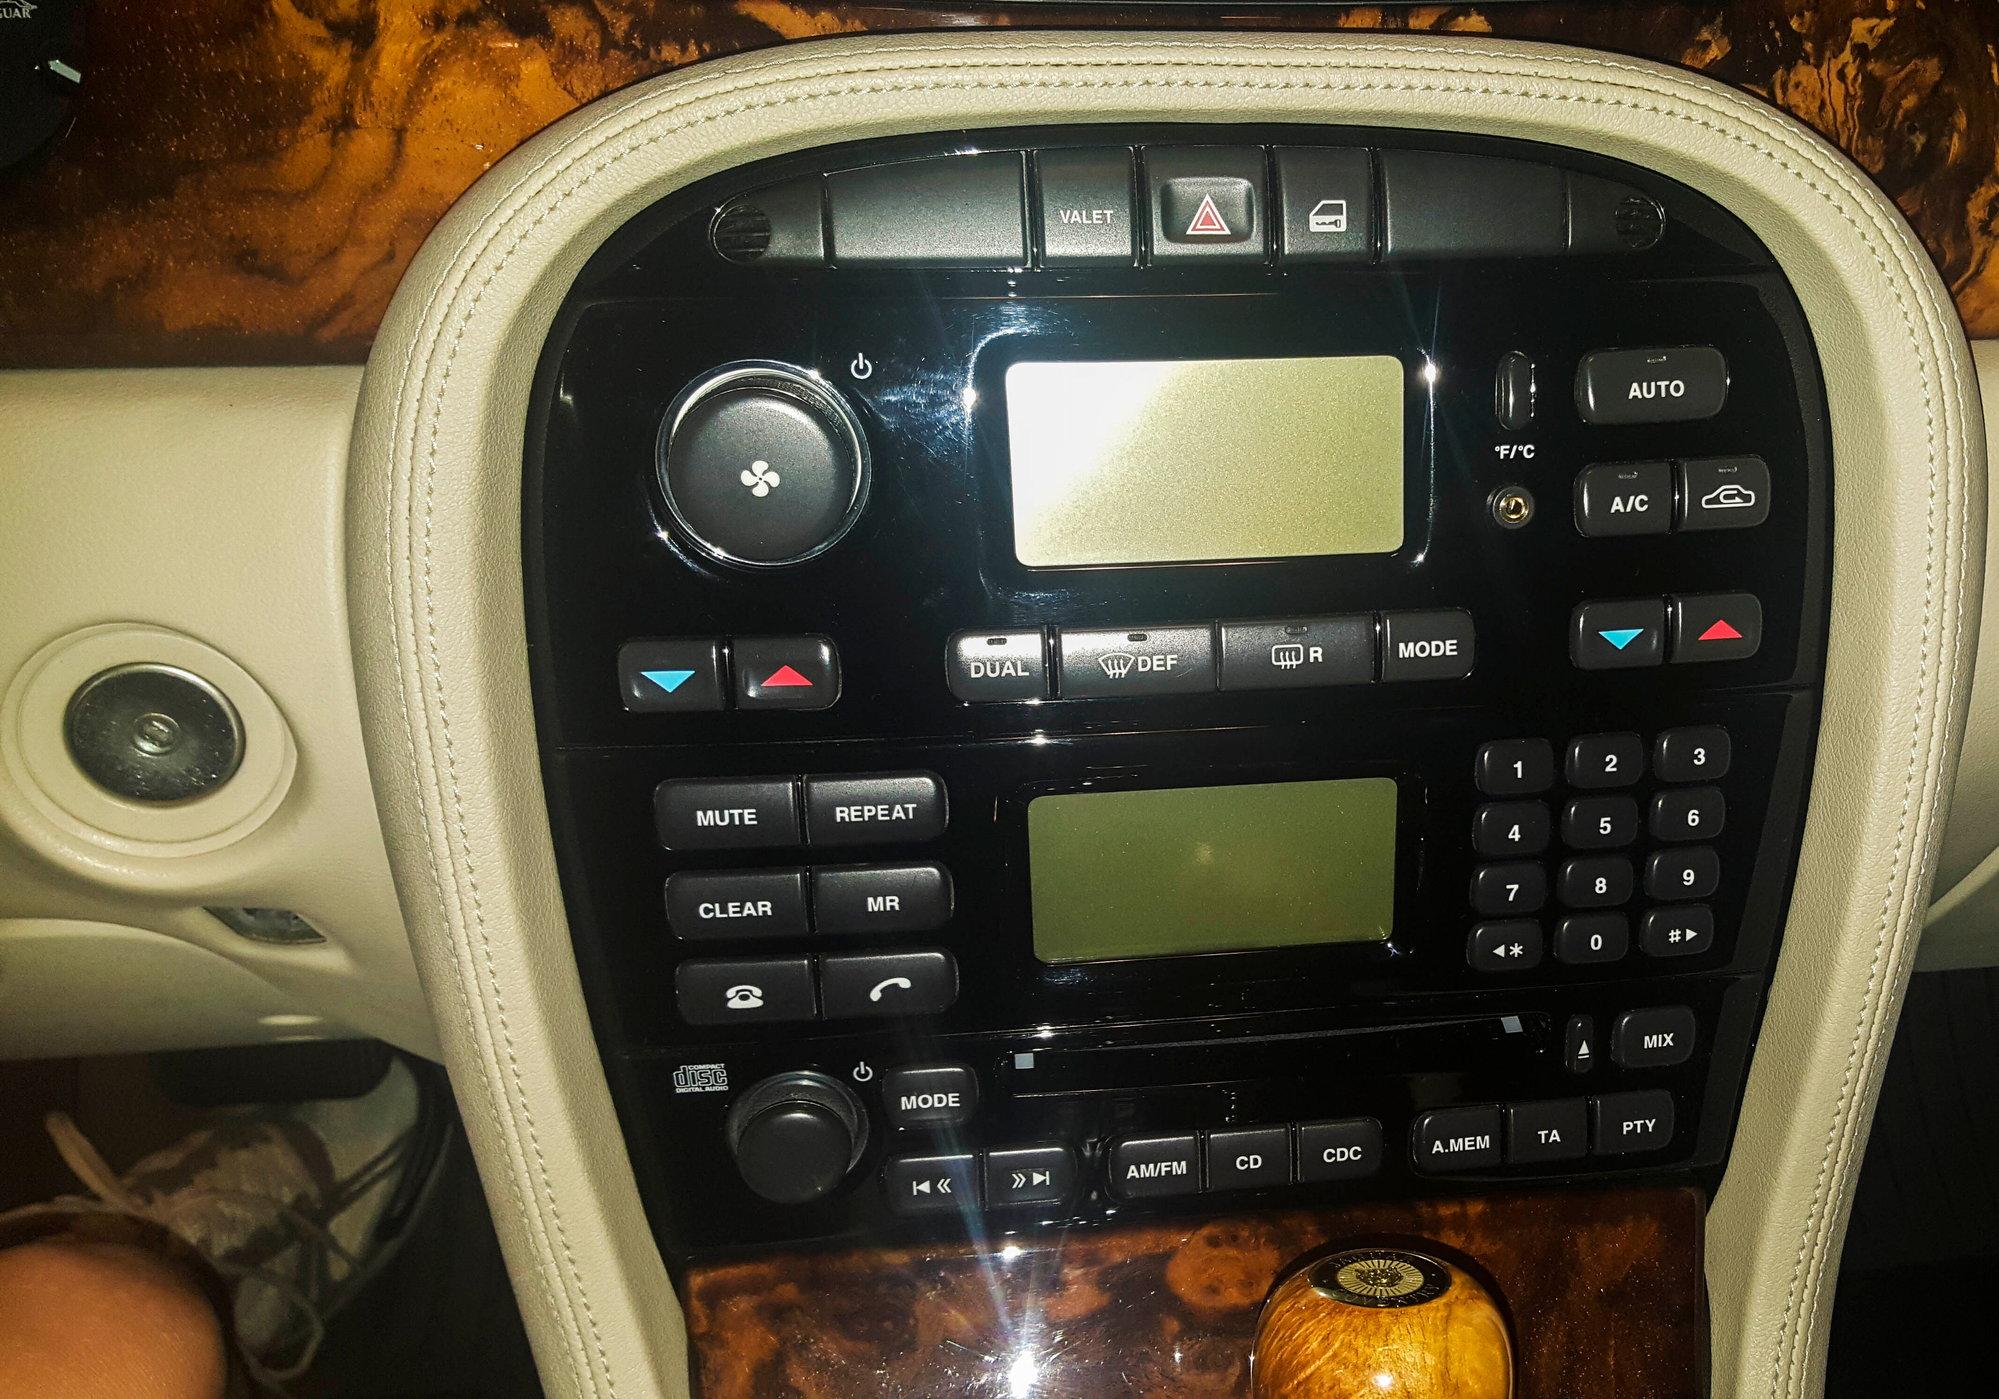 Aux input installed! - Jaguar Forums - Jaguar Enthusiasts Forum